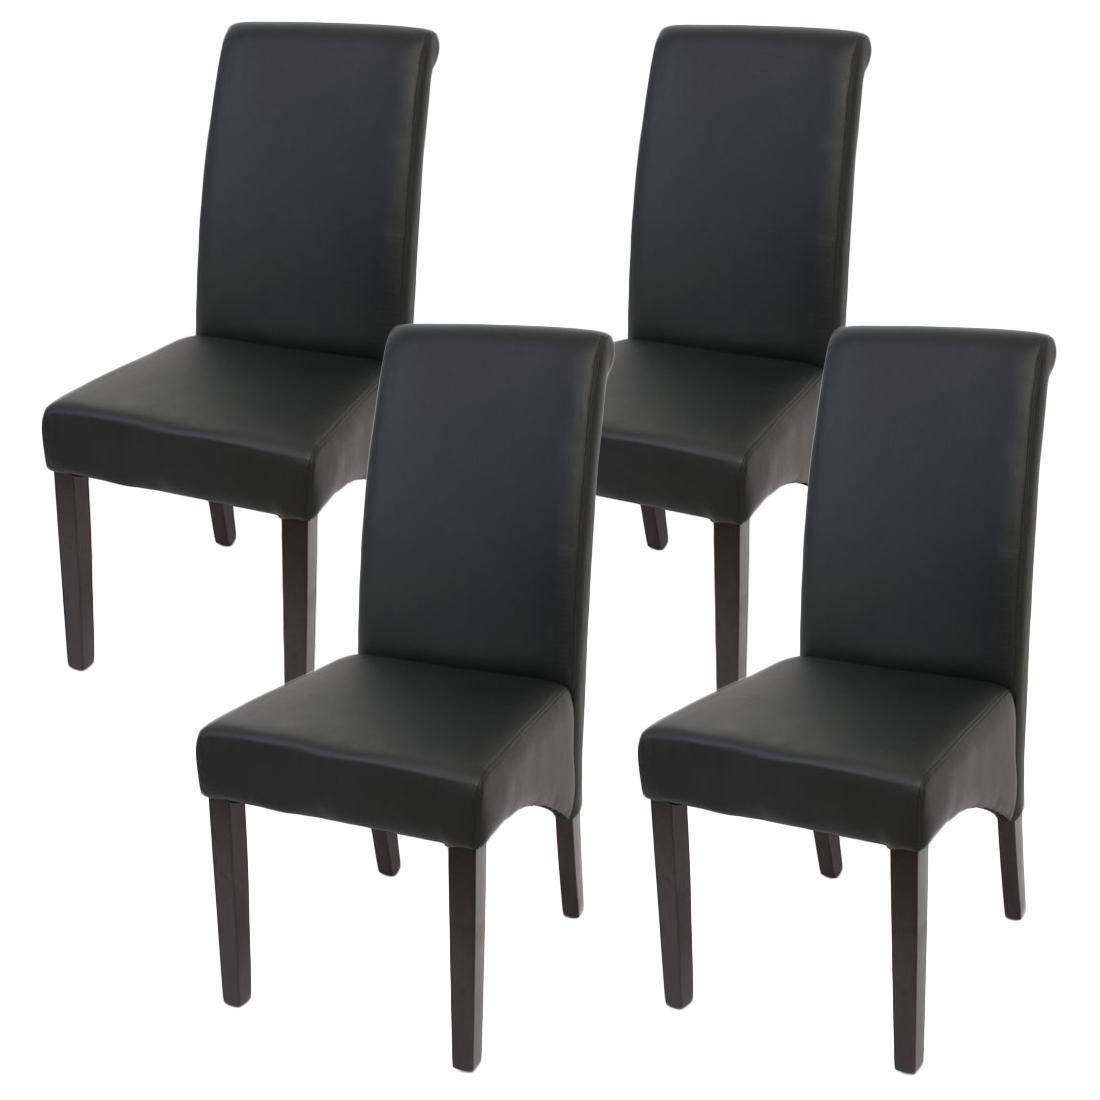 lote sillas de comedor turin tapizadas en piel negra y patas madera oscuras